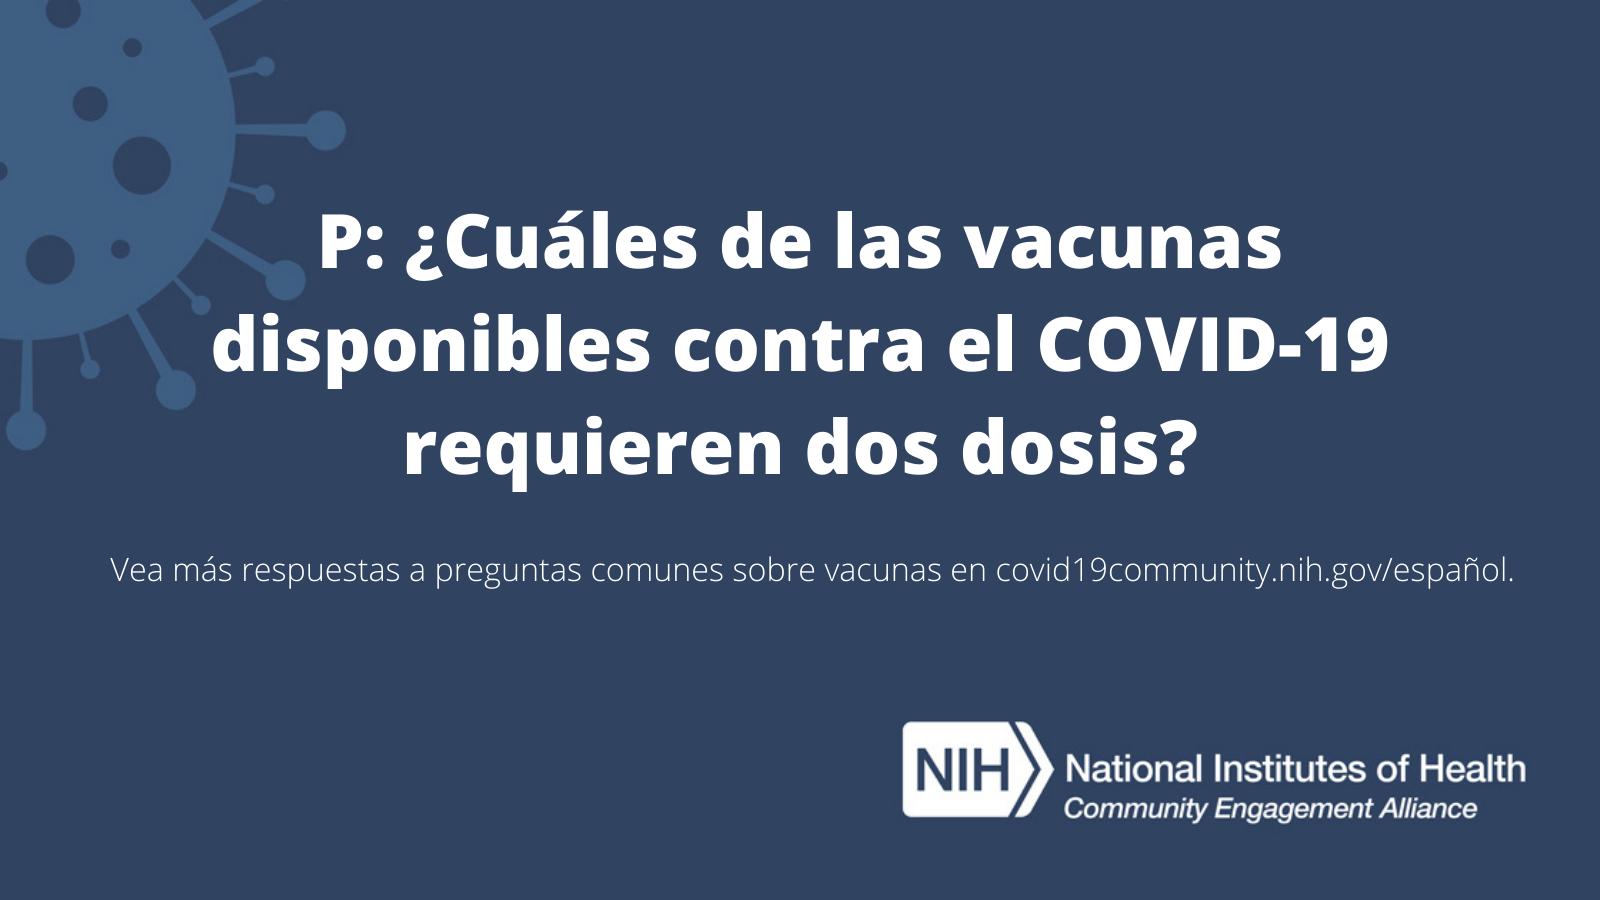 P: ¿Cuáles de las vacunas disponibles contra el COVID-19 requieren dos dosis?